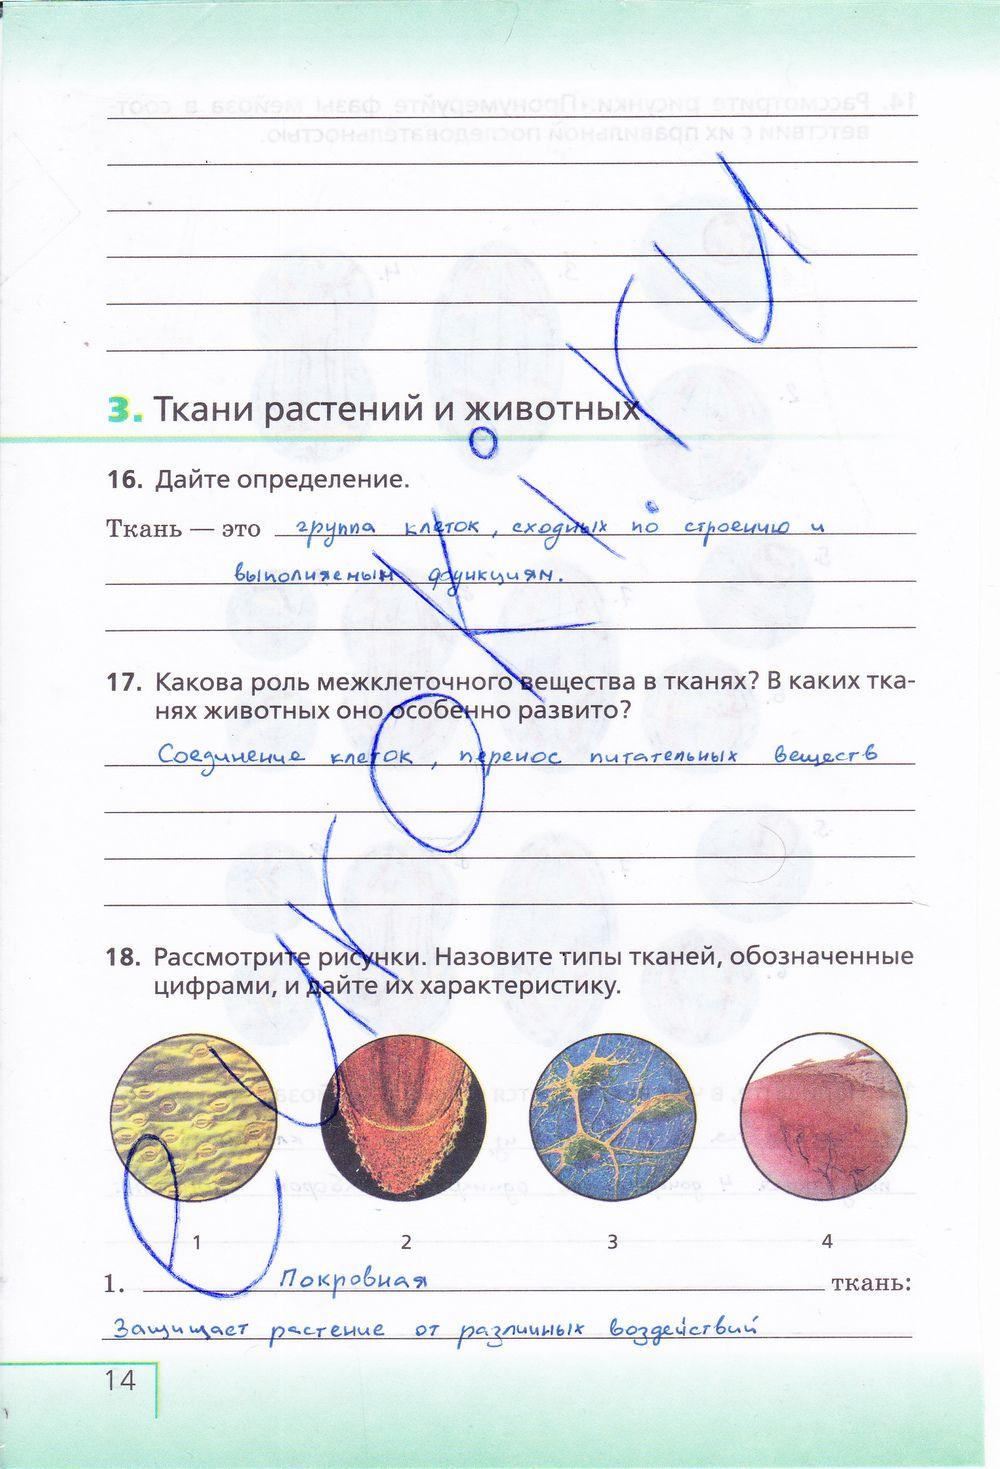 Гдз по биологии 9 класс тетради сосновская